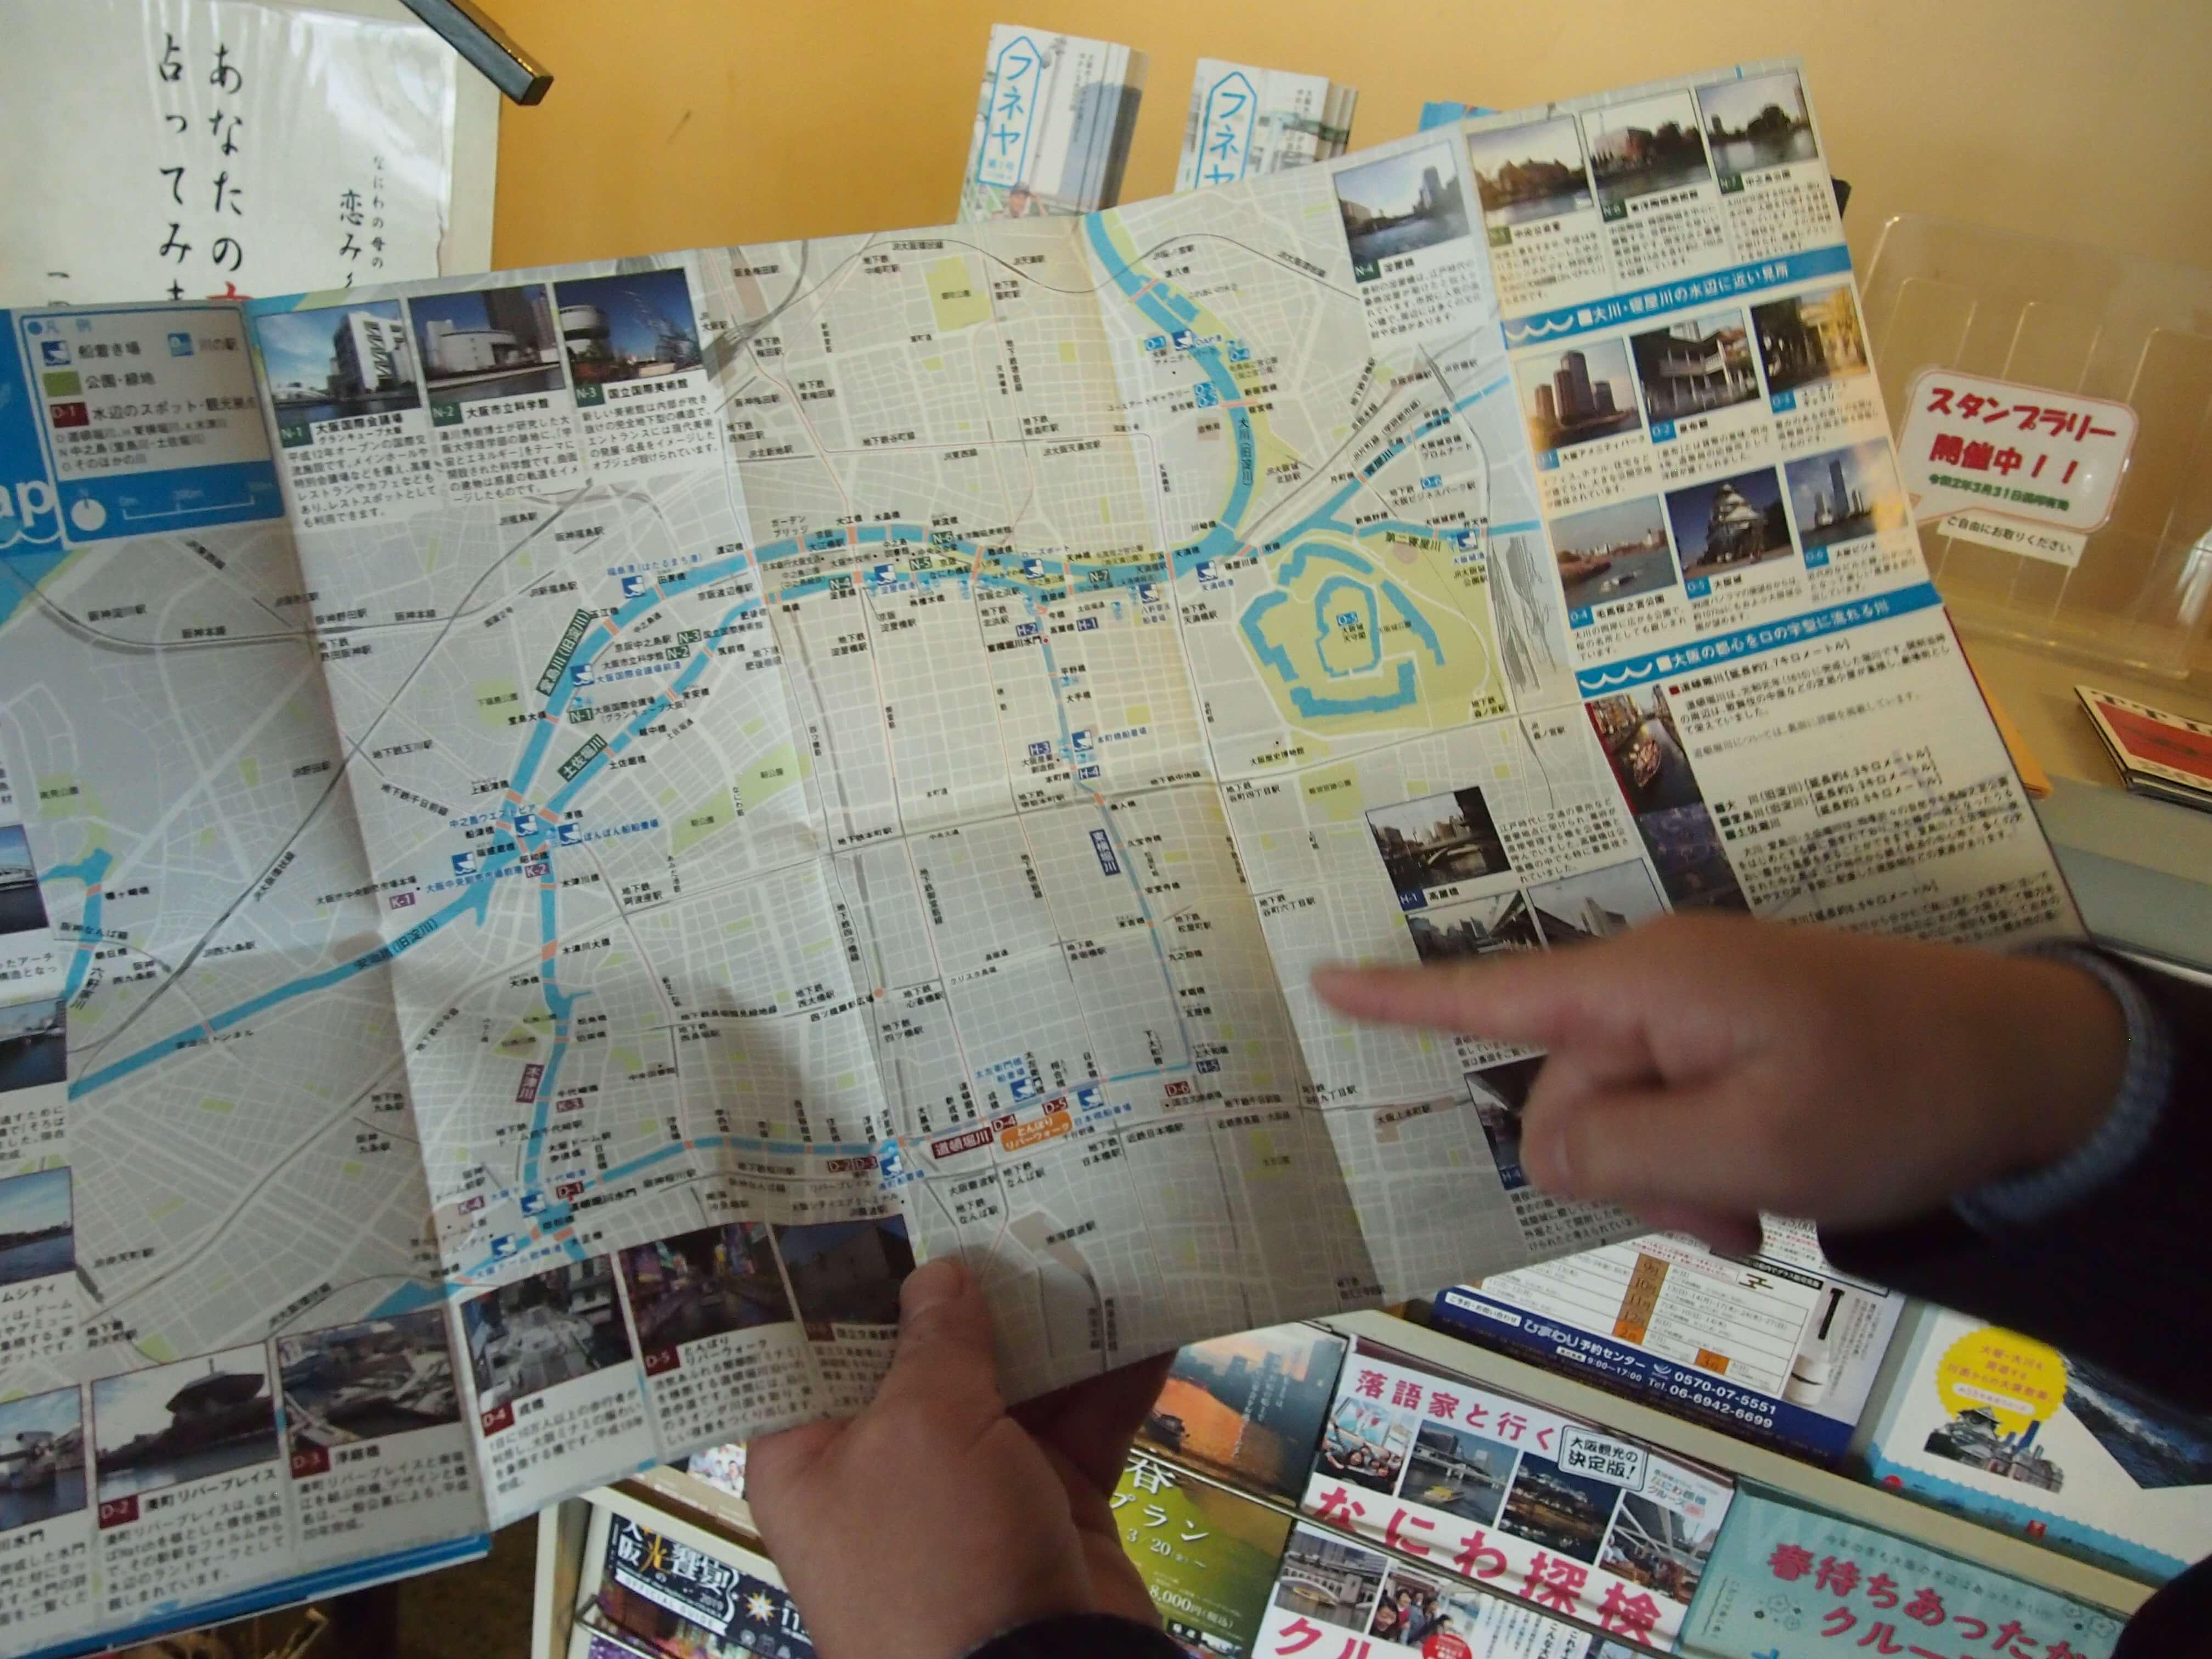 マップを指さしながら、「中之島を、本当の島と感じるには、やはり歩いていただくことですね」という岸田さん。岸田さんも時々、島の周囲を歩いては、船から見える光景と比べたりしているのだとか。